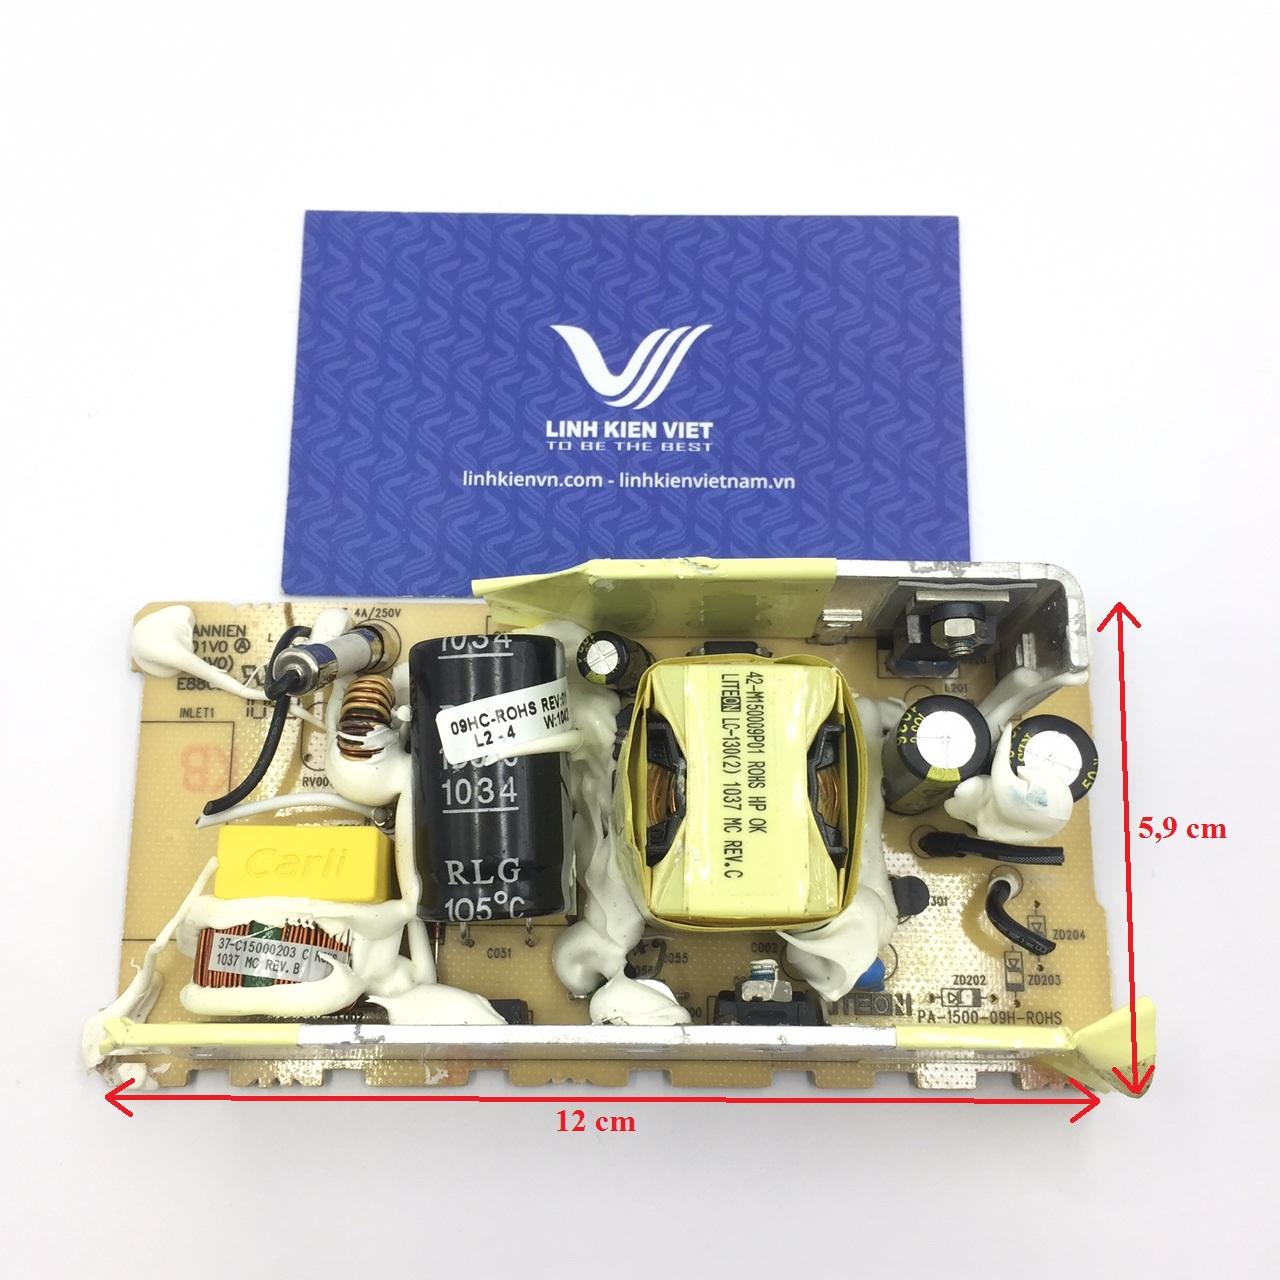 Nguồn adapter 24V 4A không vỏ - G6H18(KA10H2)